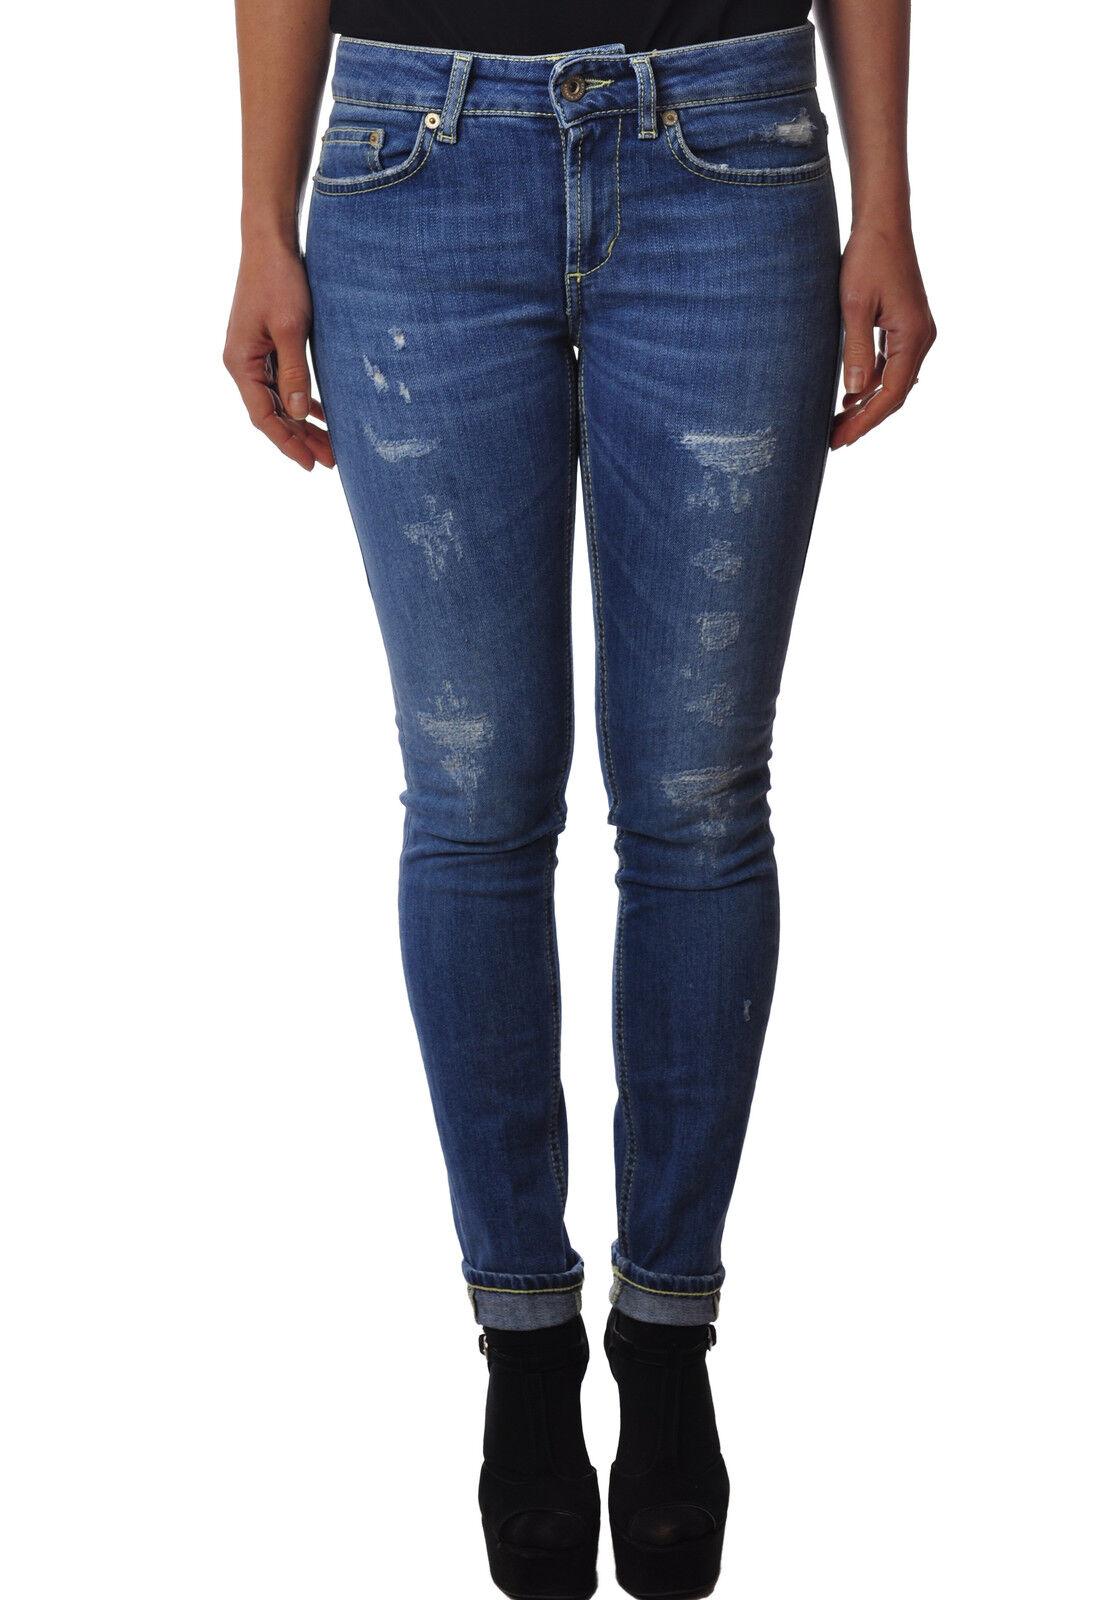 Dondup - Jeans-Hose, slim fit - Frau - Denim - 3332630L183902